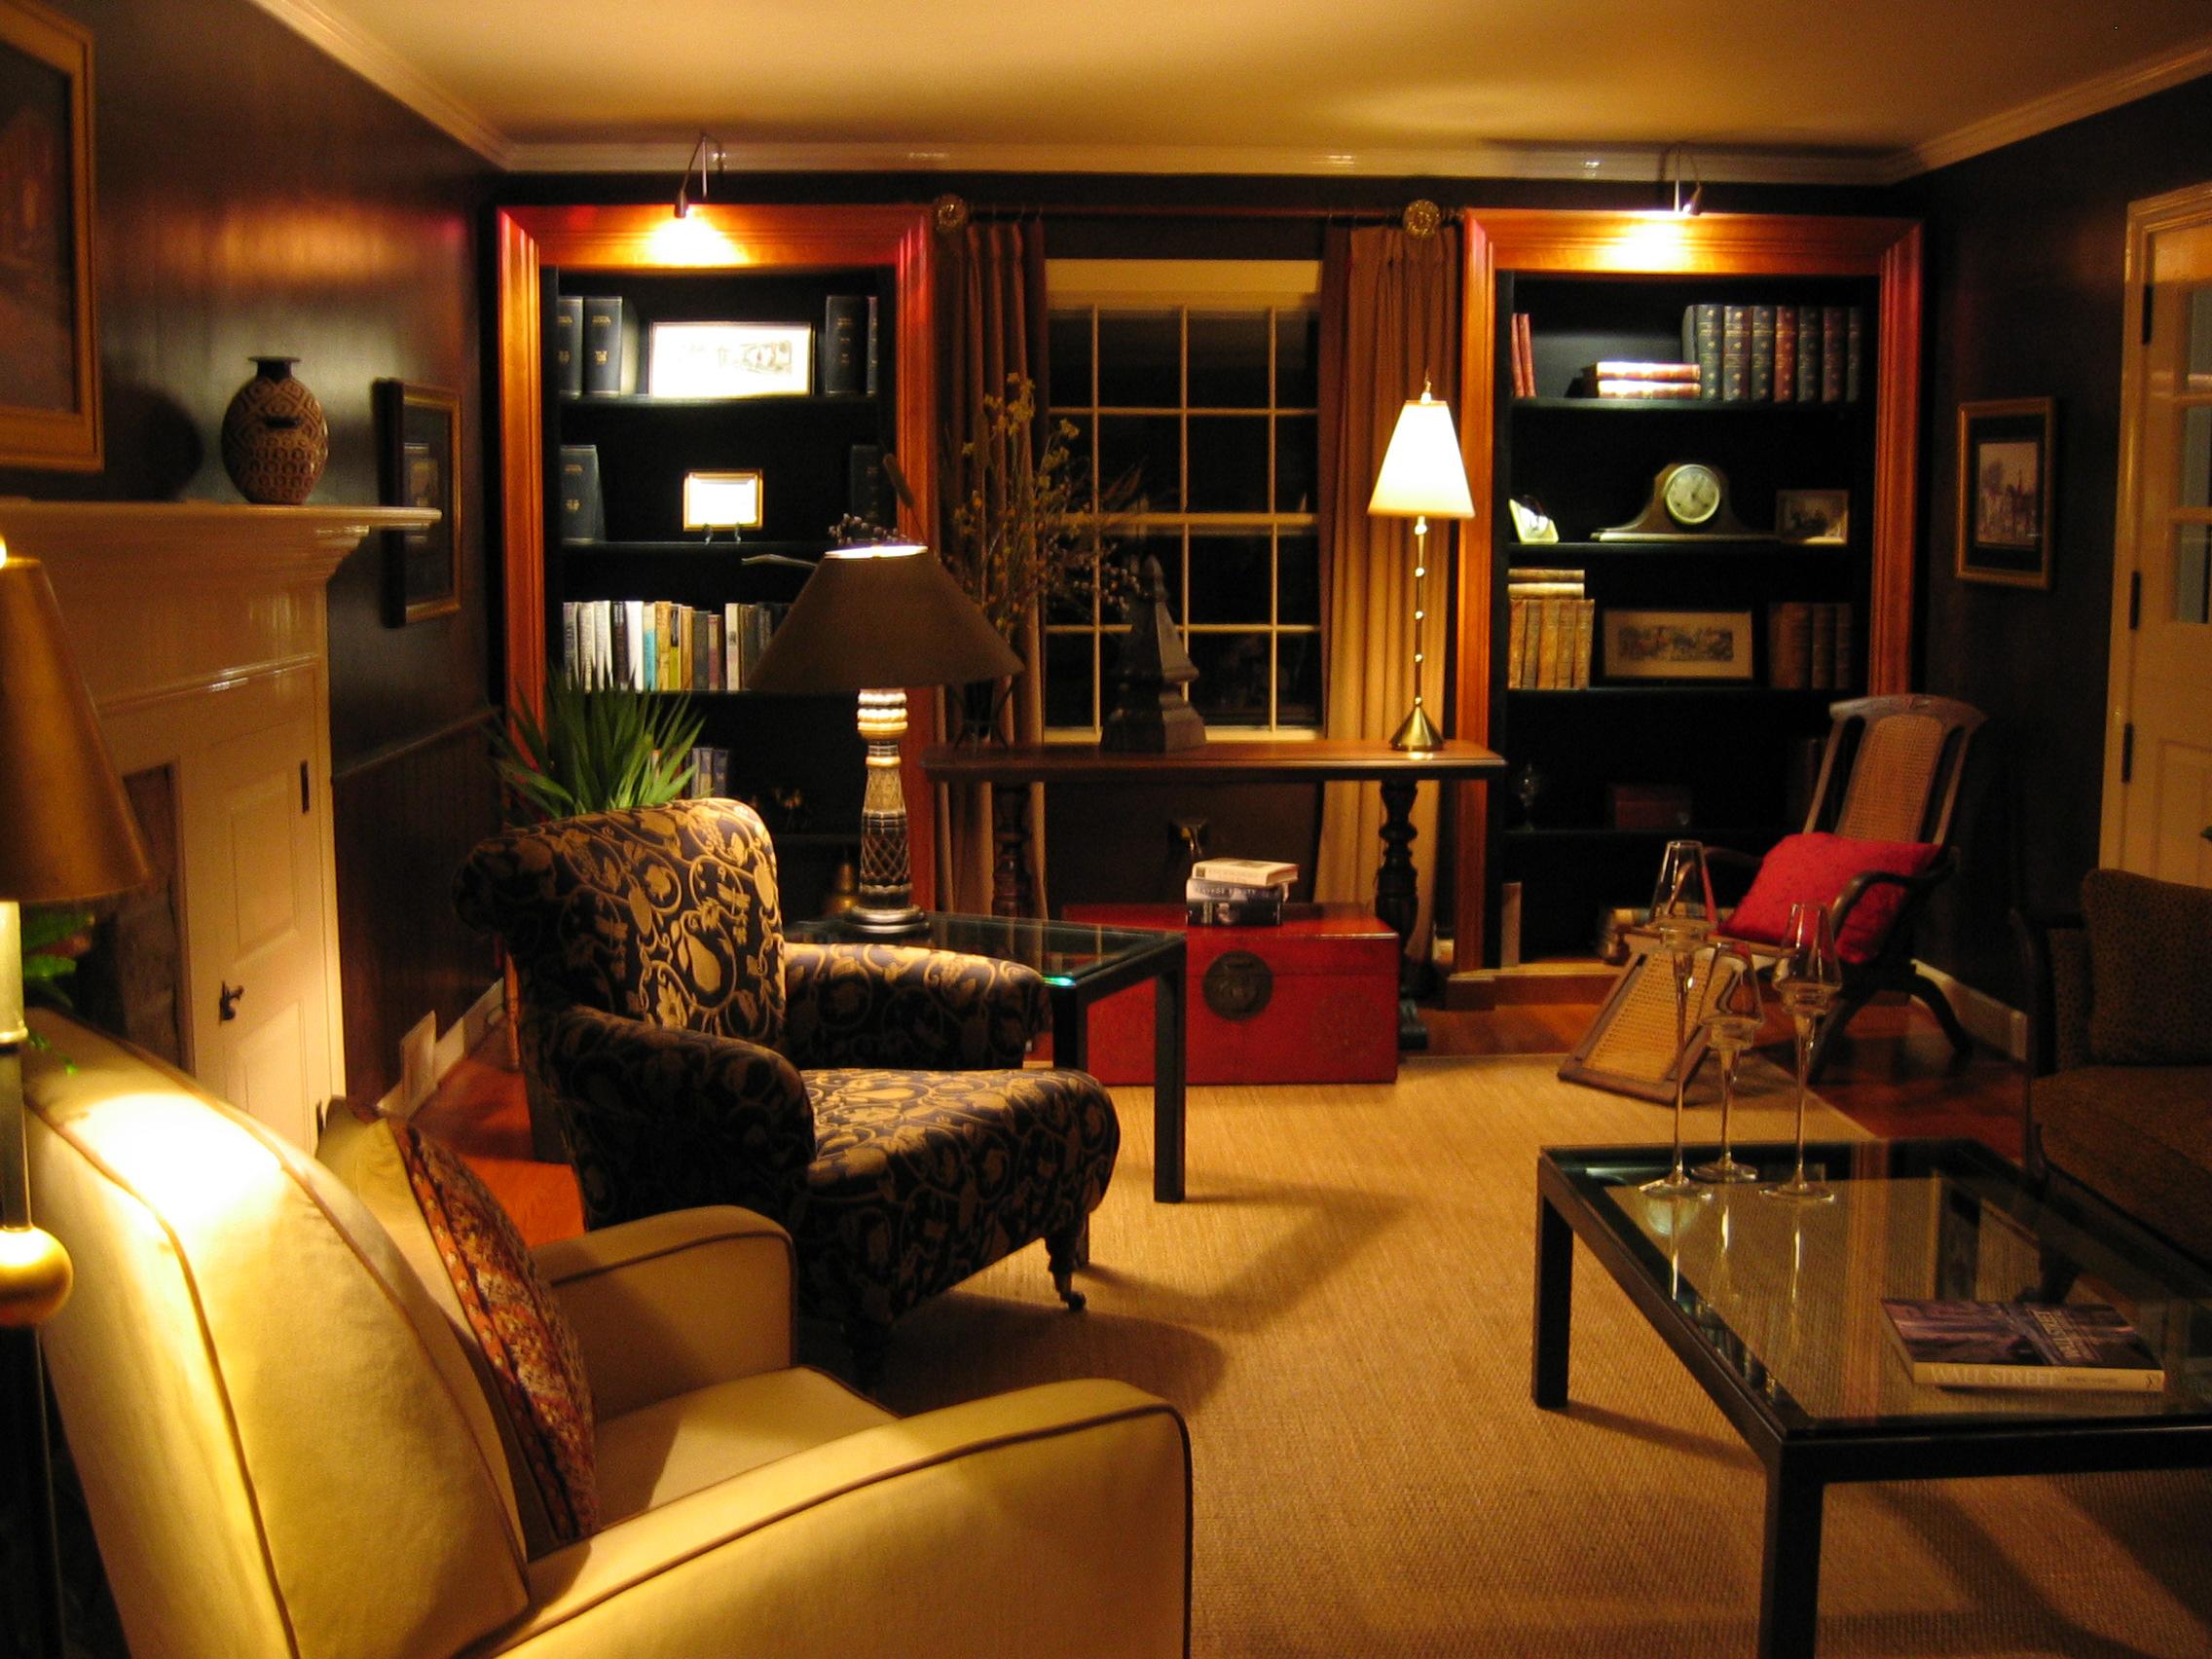 Danvir-Maass Living Room.jpg